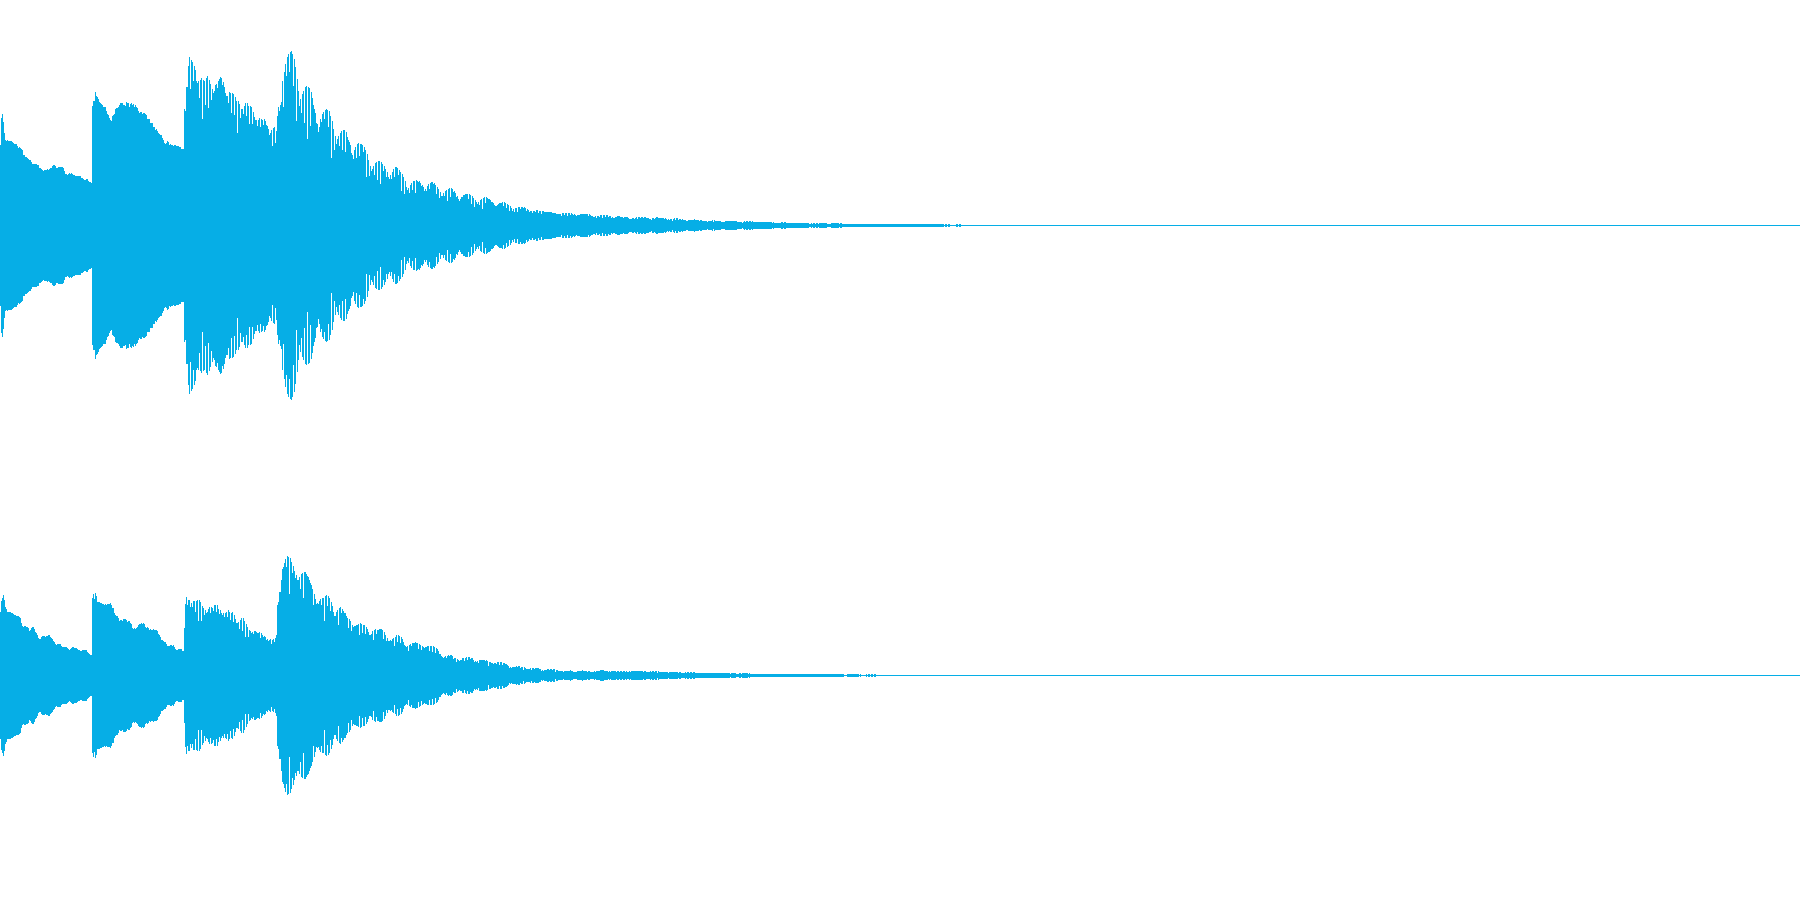 お知らせ・アナウンス音B下降(速め)06の再生済みの波形